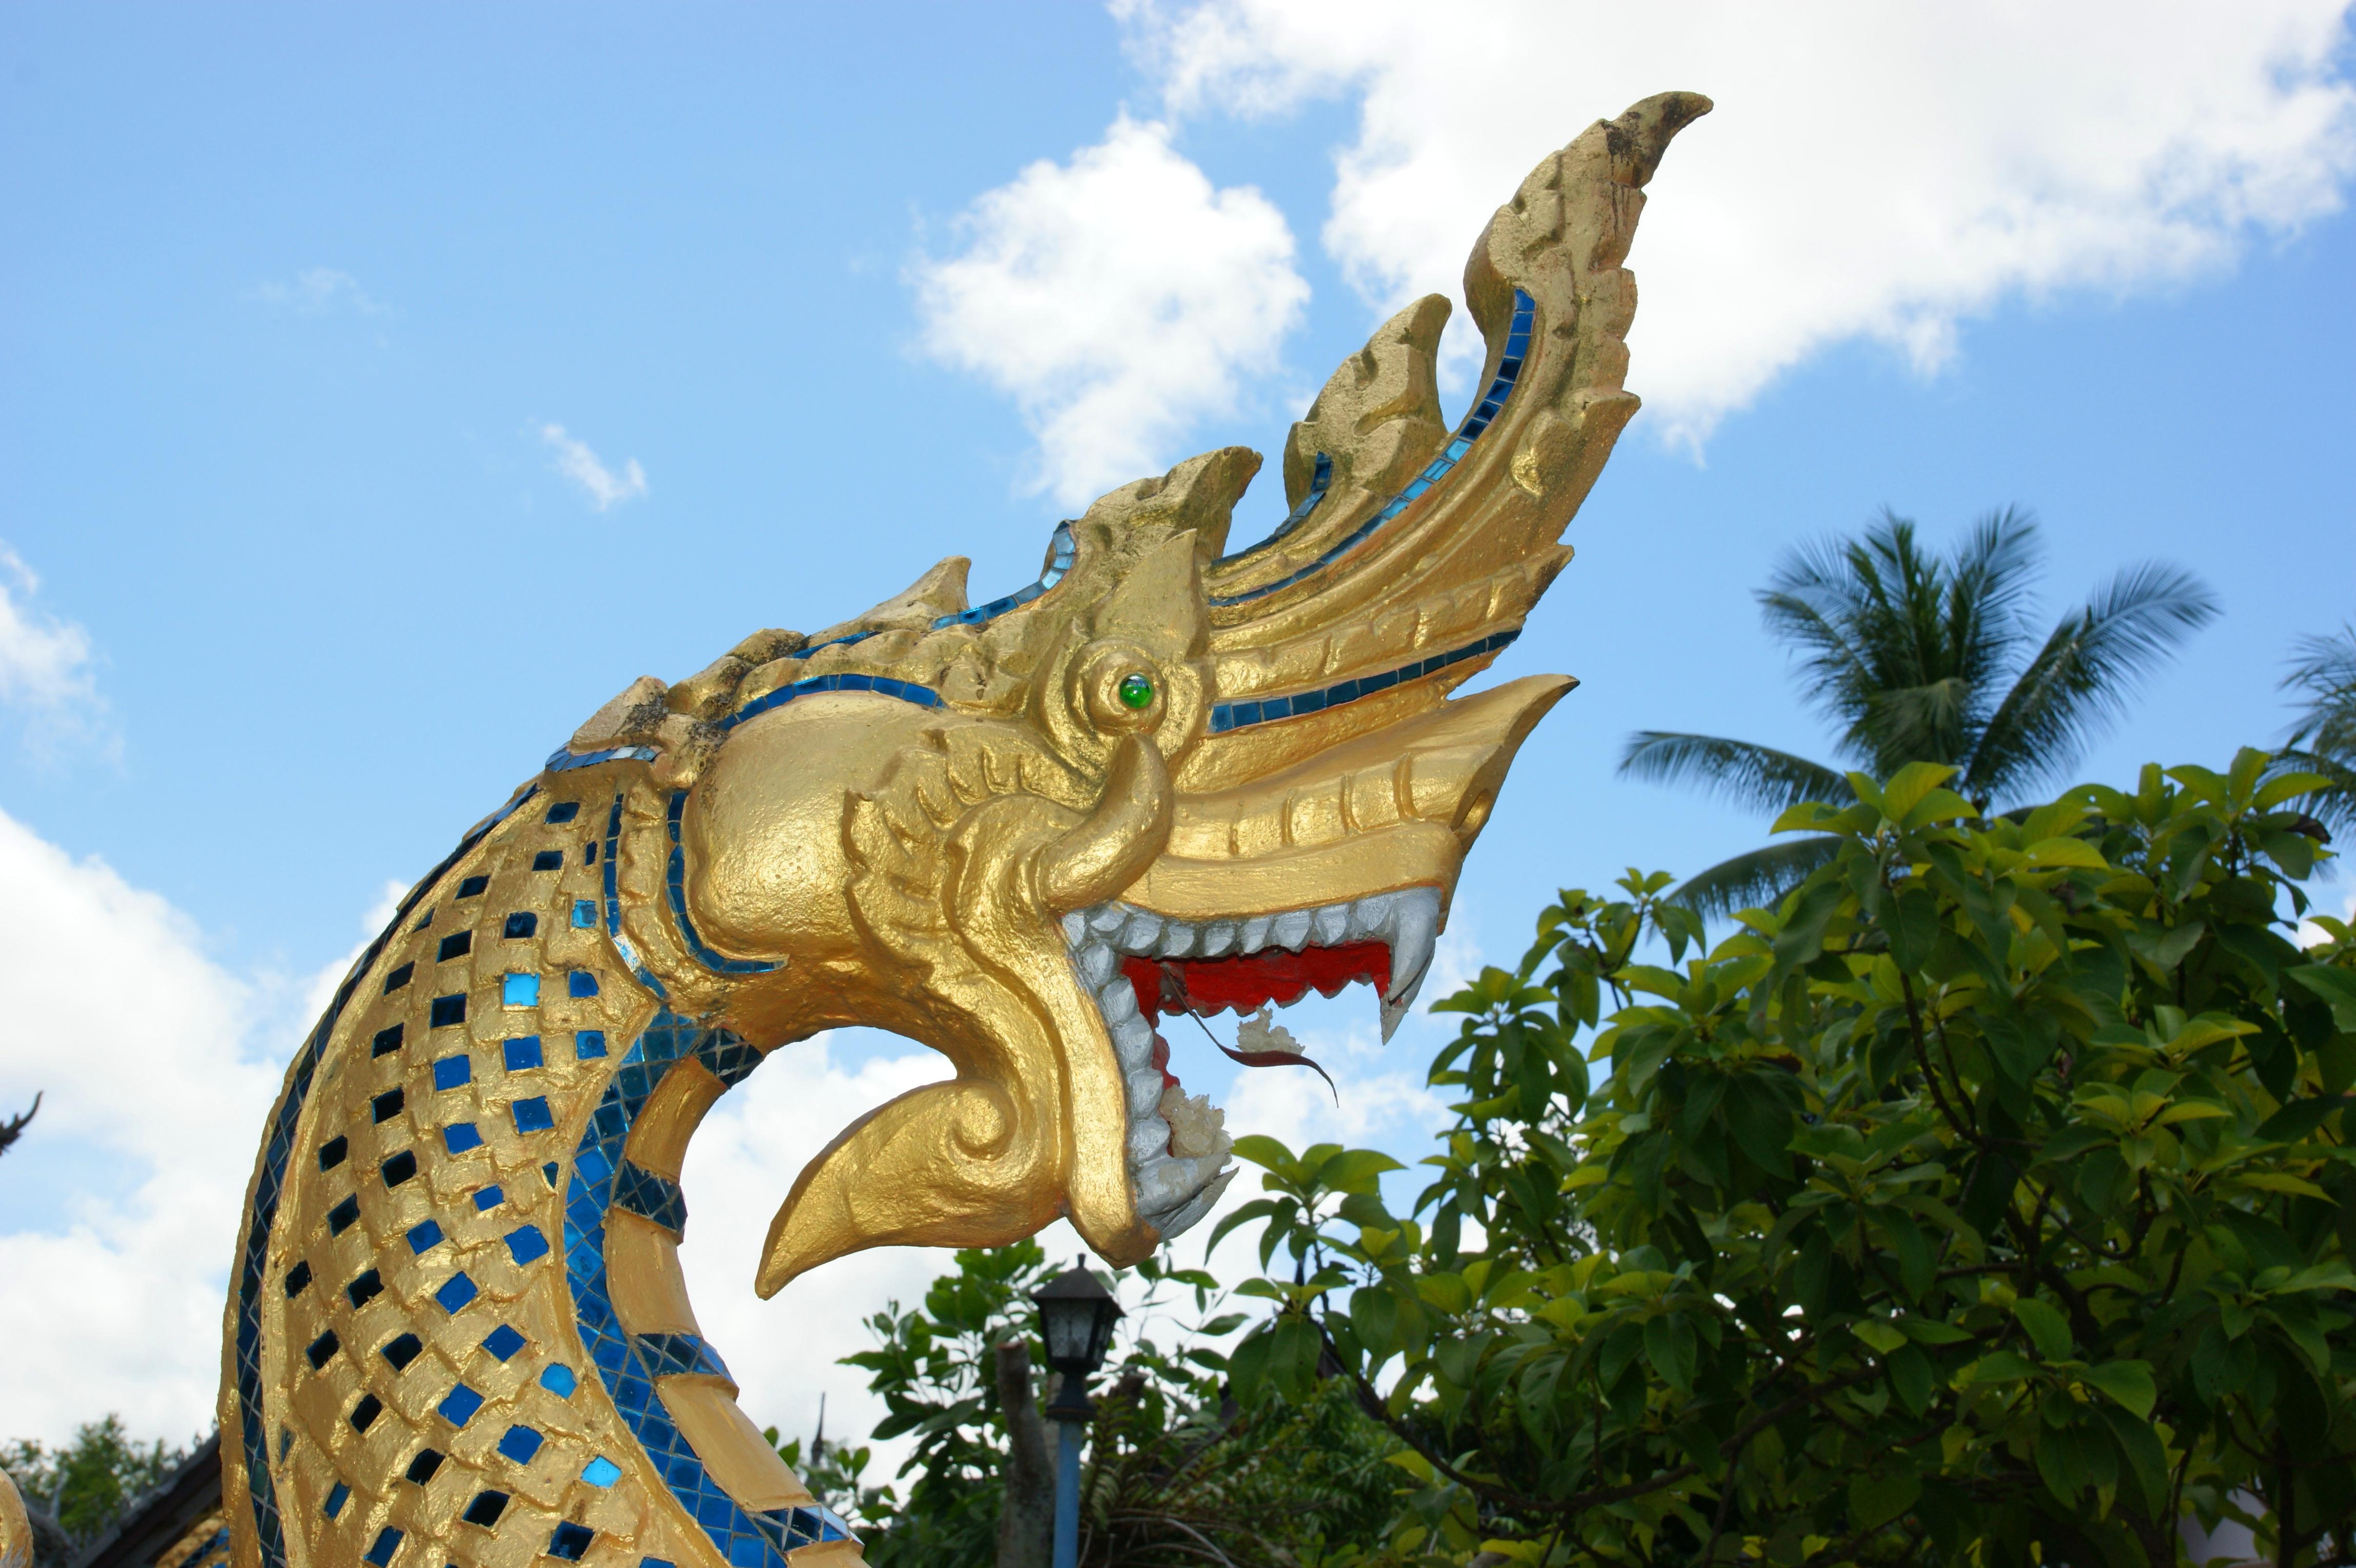 3923649484 877c8071f0 o 2009 08 30 09 03 Luang Prabang 069 Wat Pa Phay